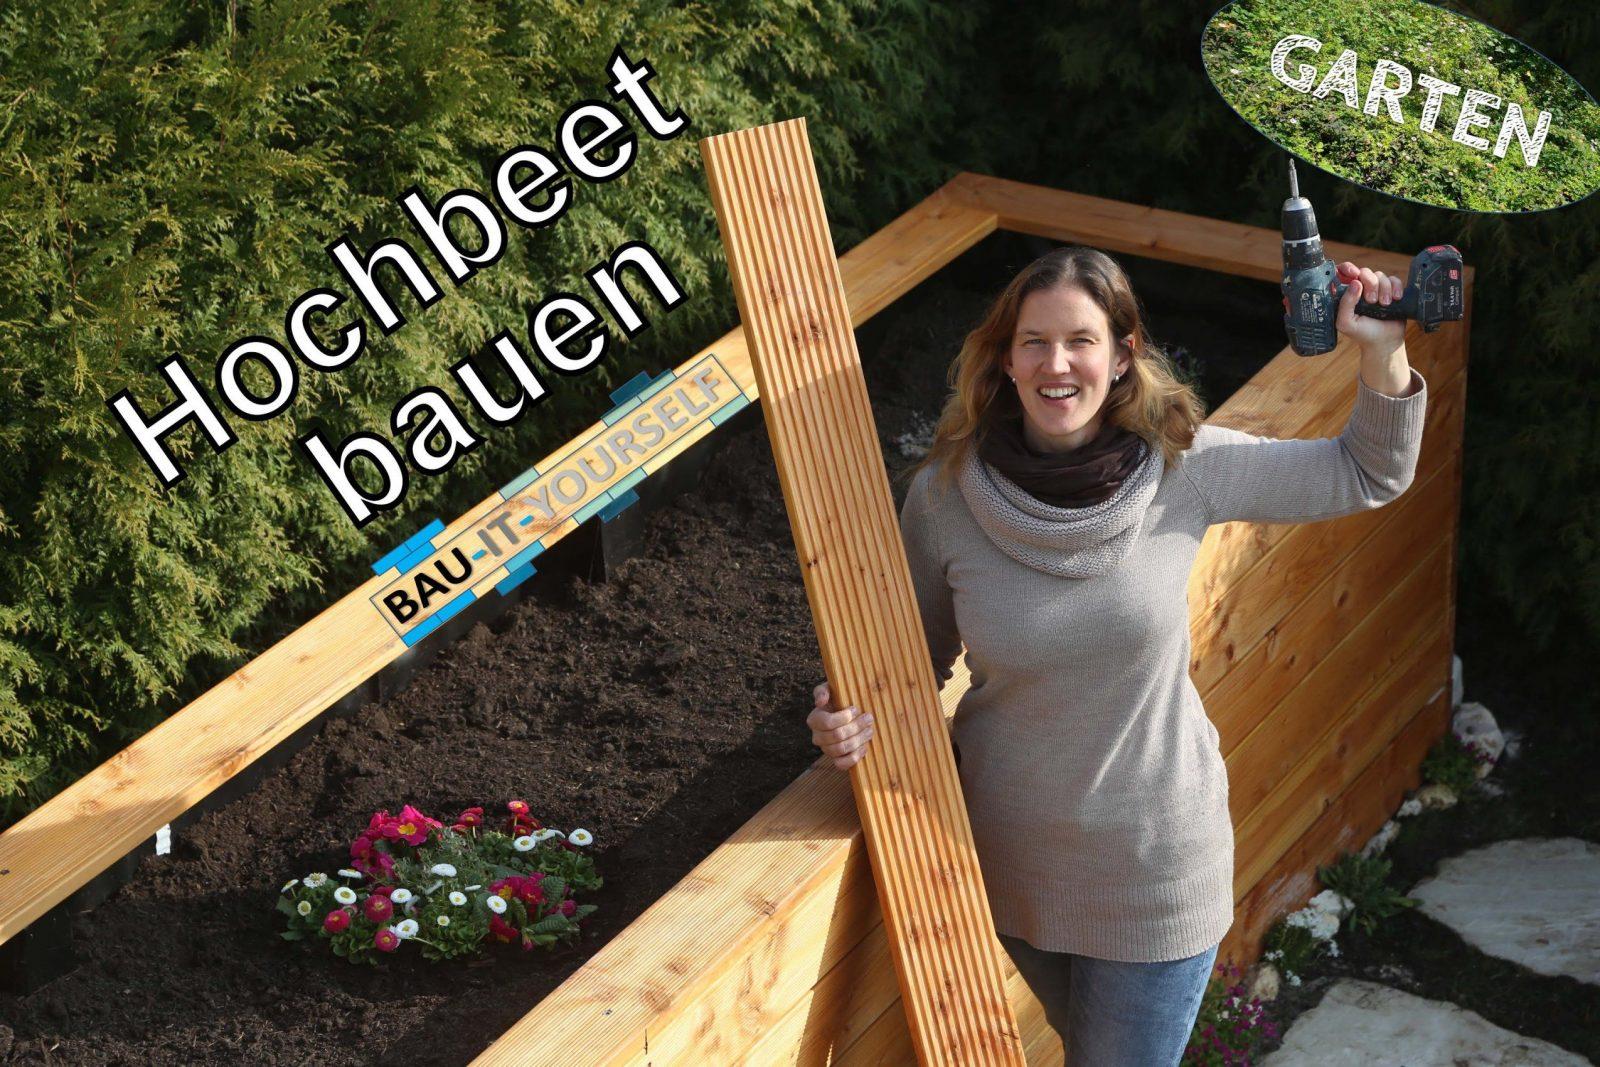 Hochbeet Selber Bauen Garten Anlegen Diy Holz Hochbeet Von Hochbeet